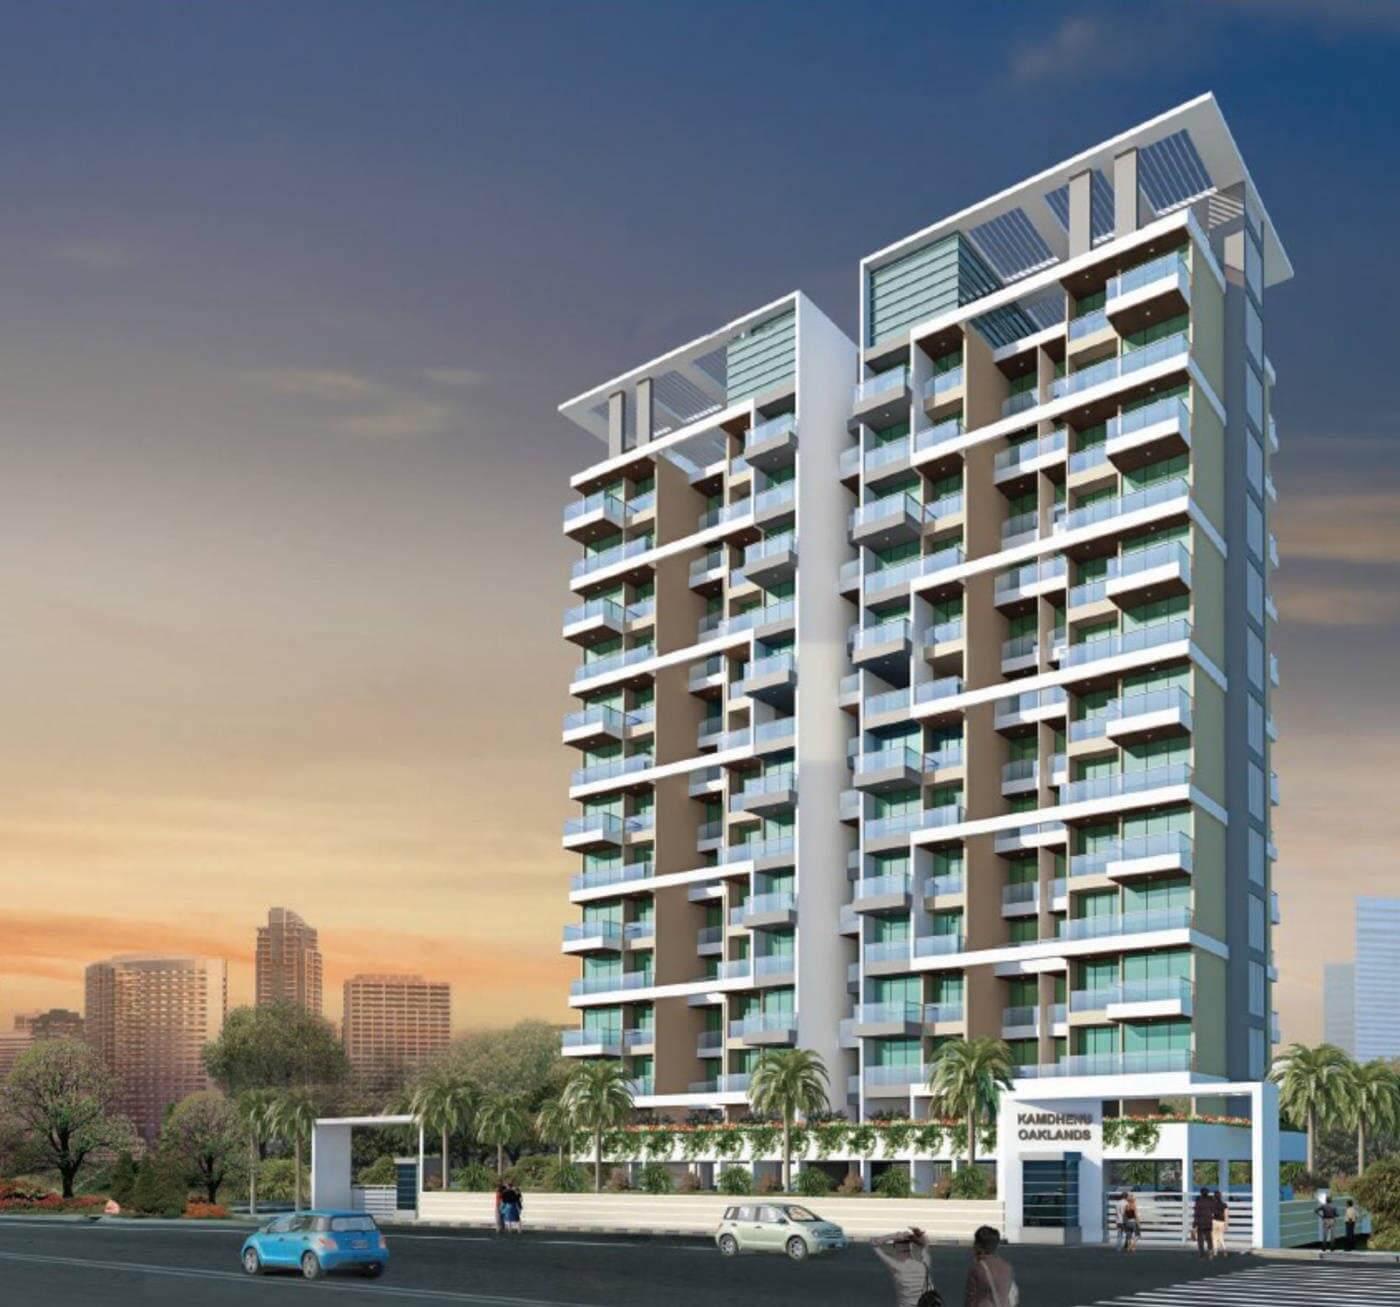 Kamdhenu Oaklands Ulwe Mumbai 9876